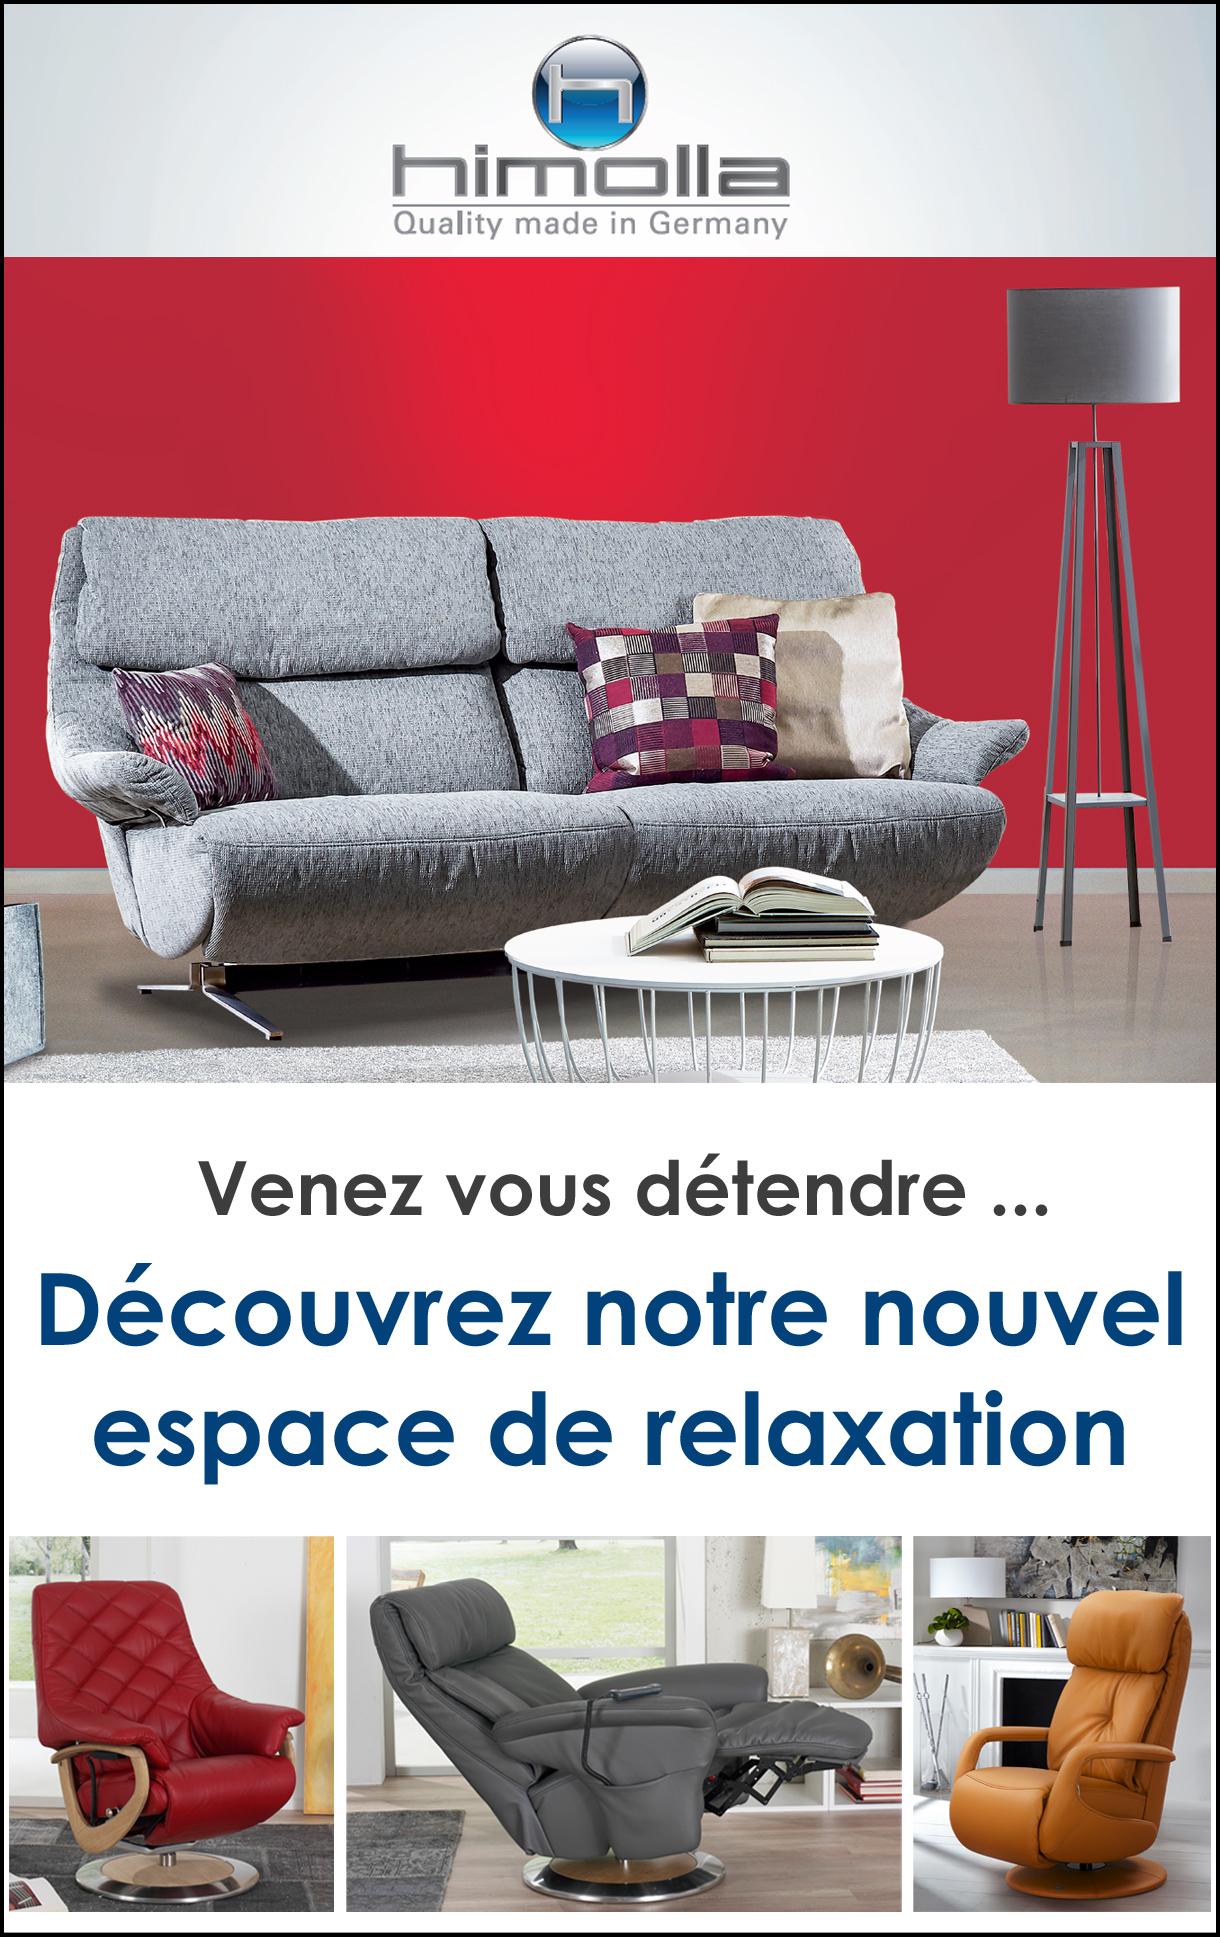 Nouvel espace canapé et fauteuil relaxation Himolla